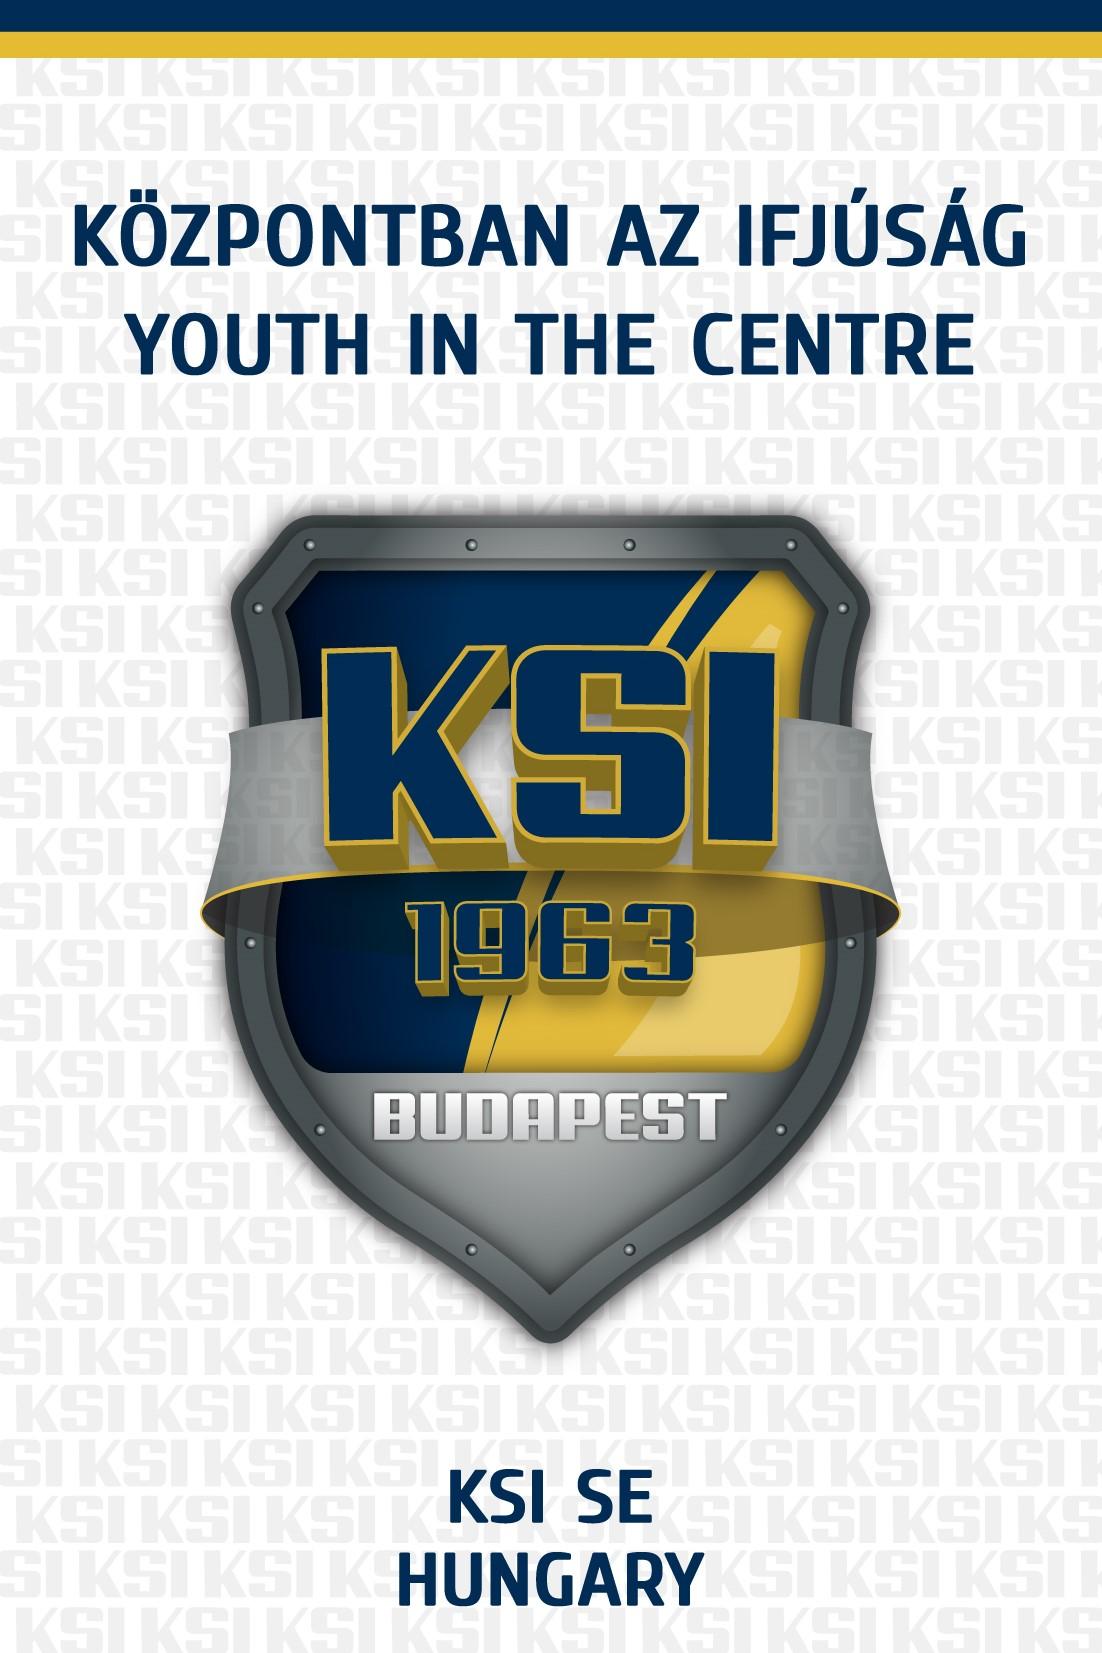 KSI - Központban az ifjúság